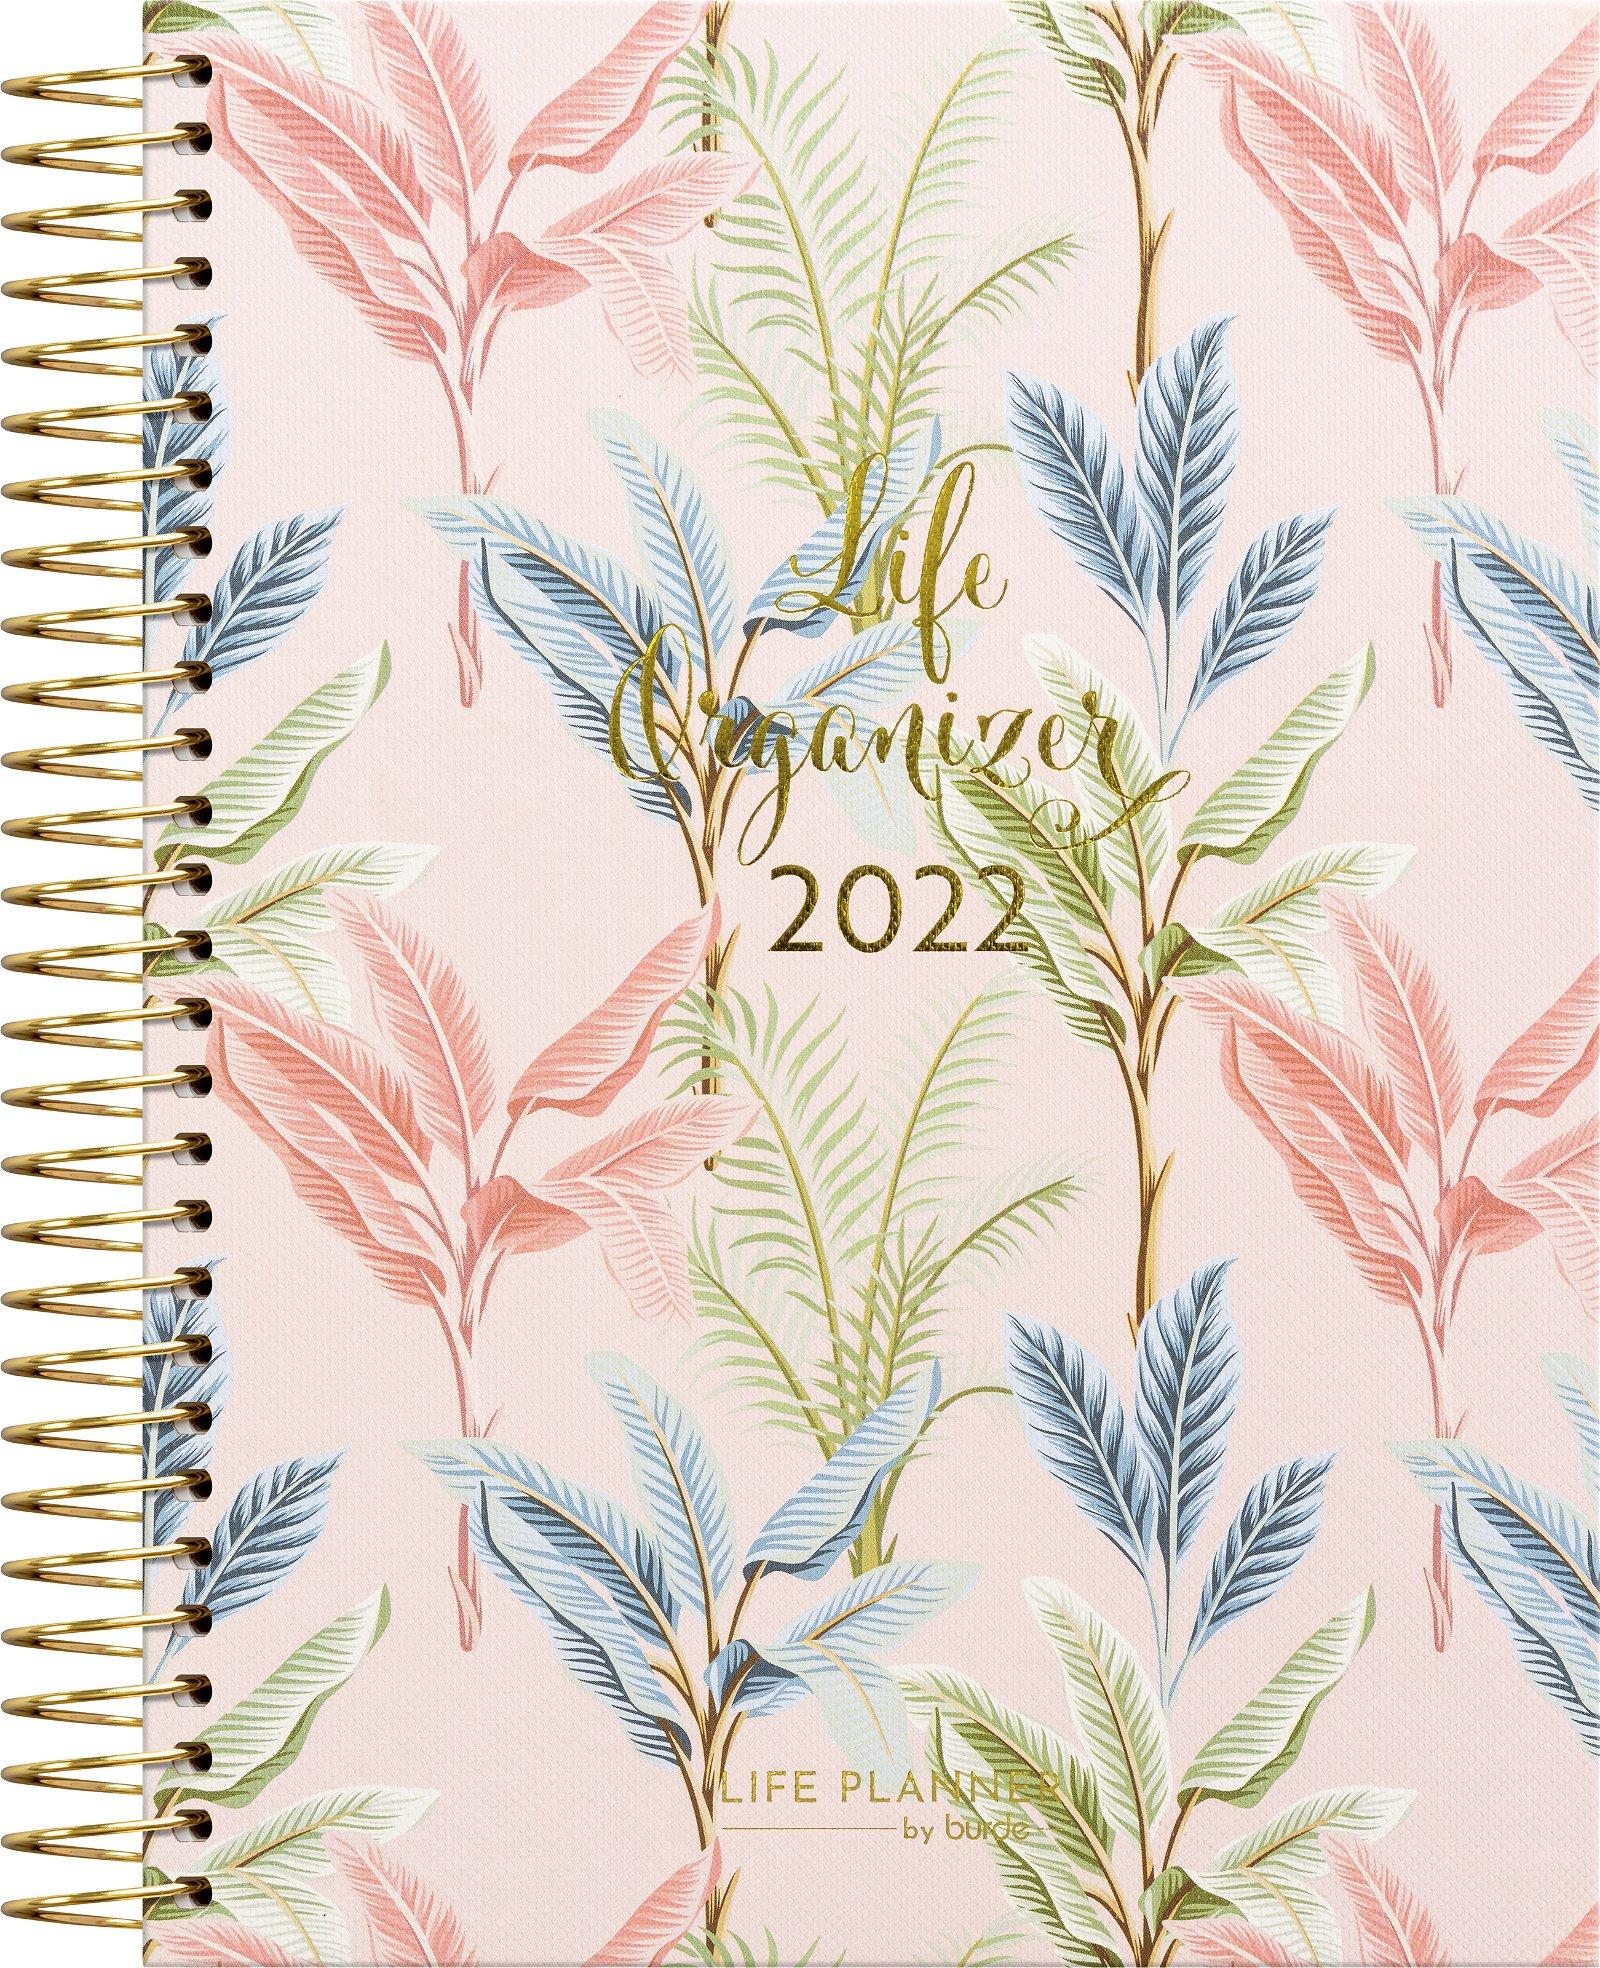 Burde Life Organizer 2022